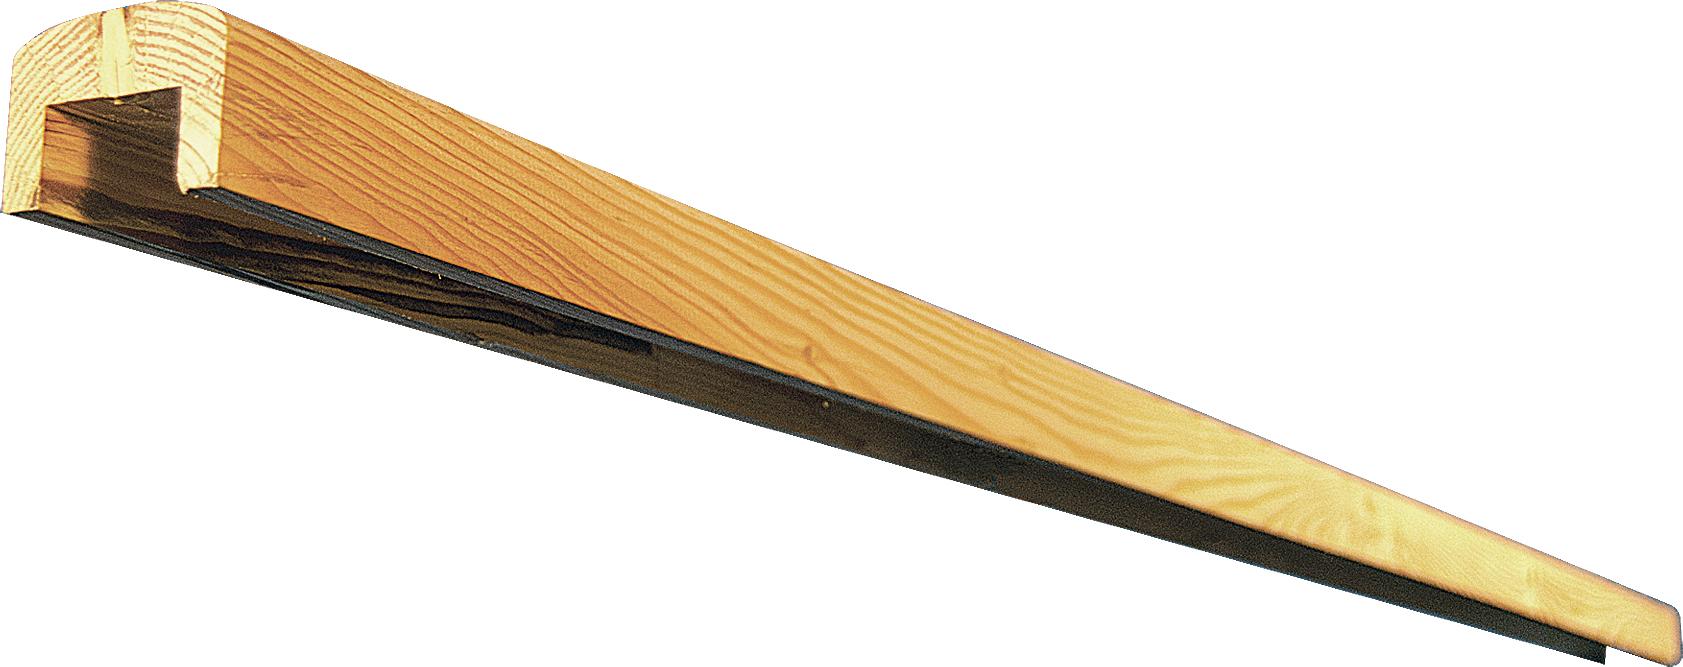 Abdeckleiste für Sichtschutz NEWA, 180 cm lang